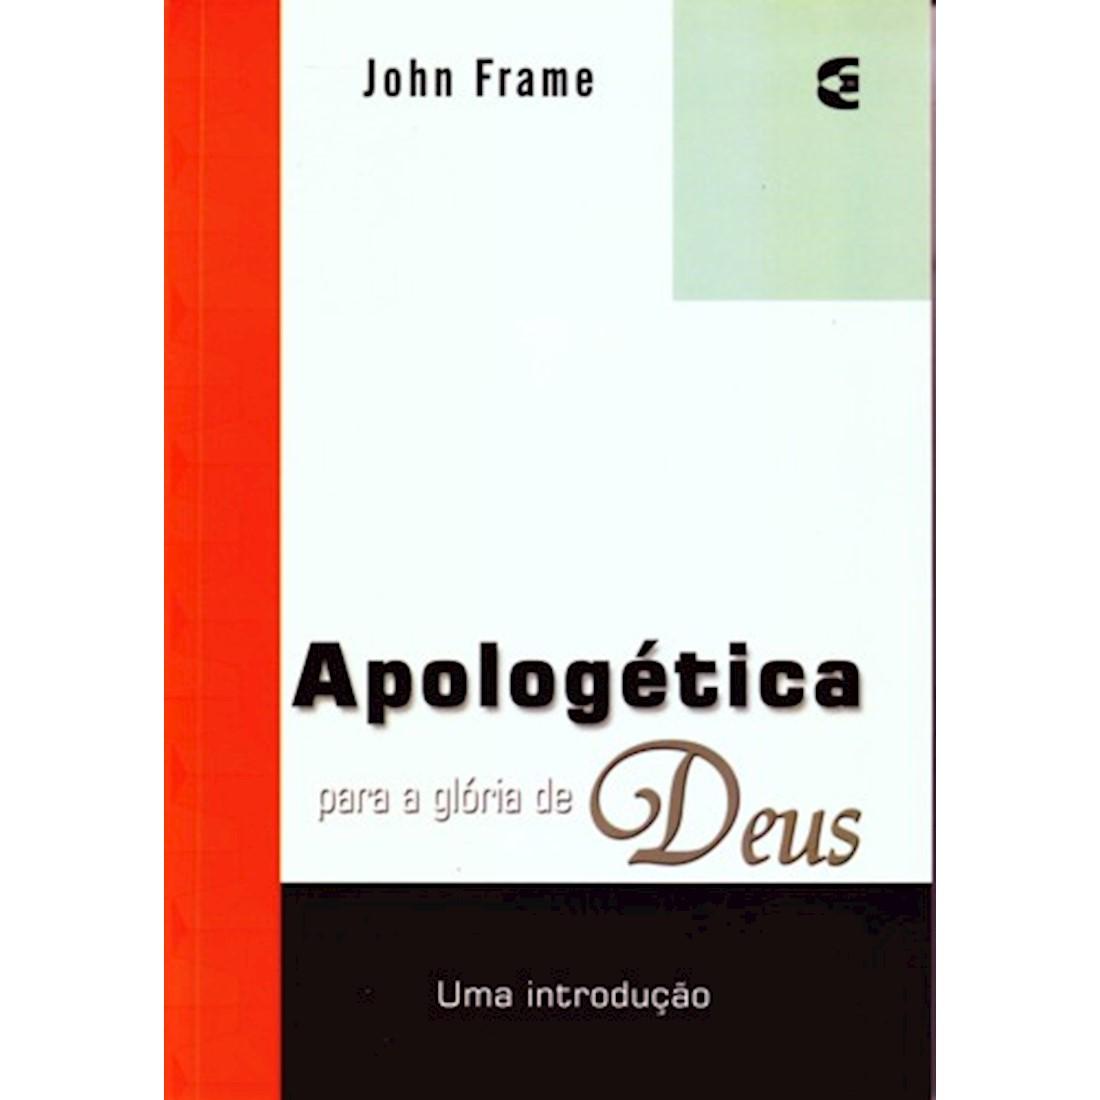 Livro Apologética para a Glória de Deus